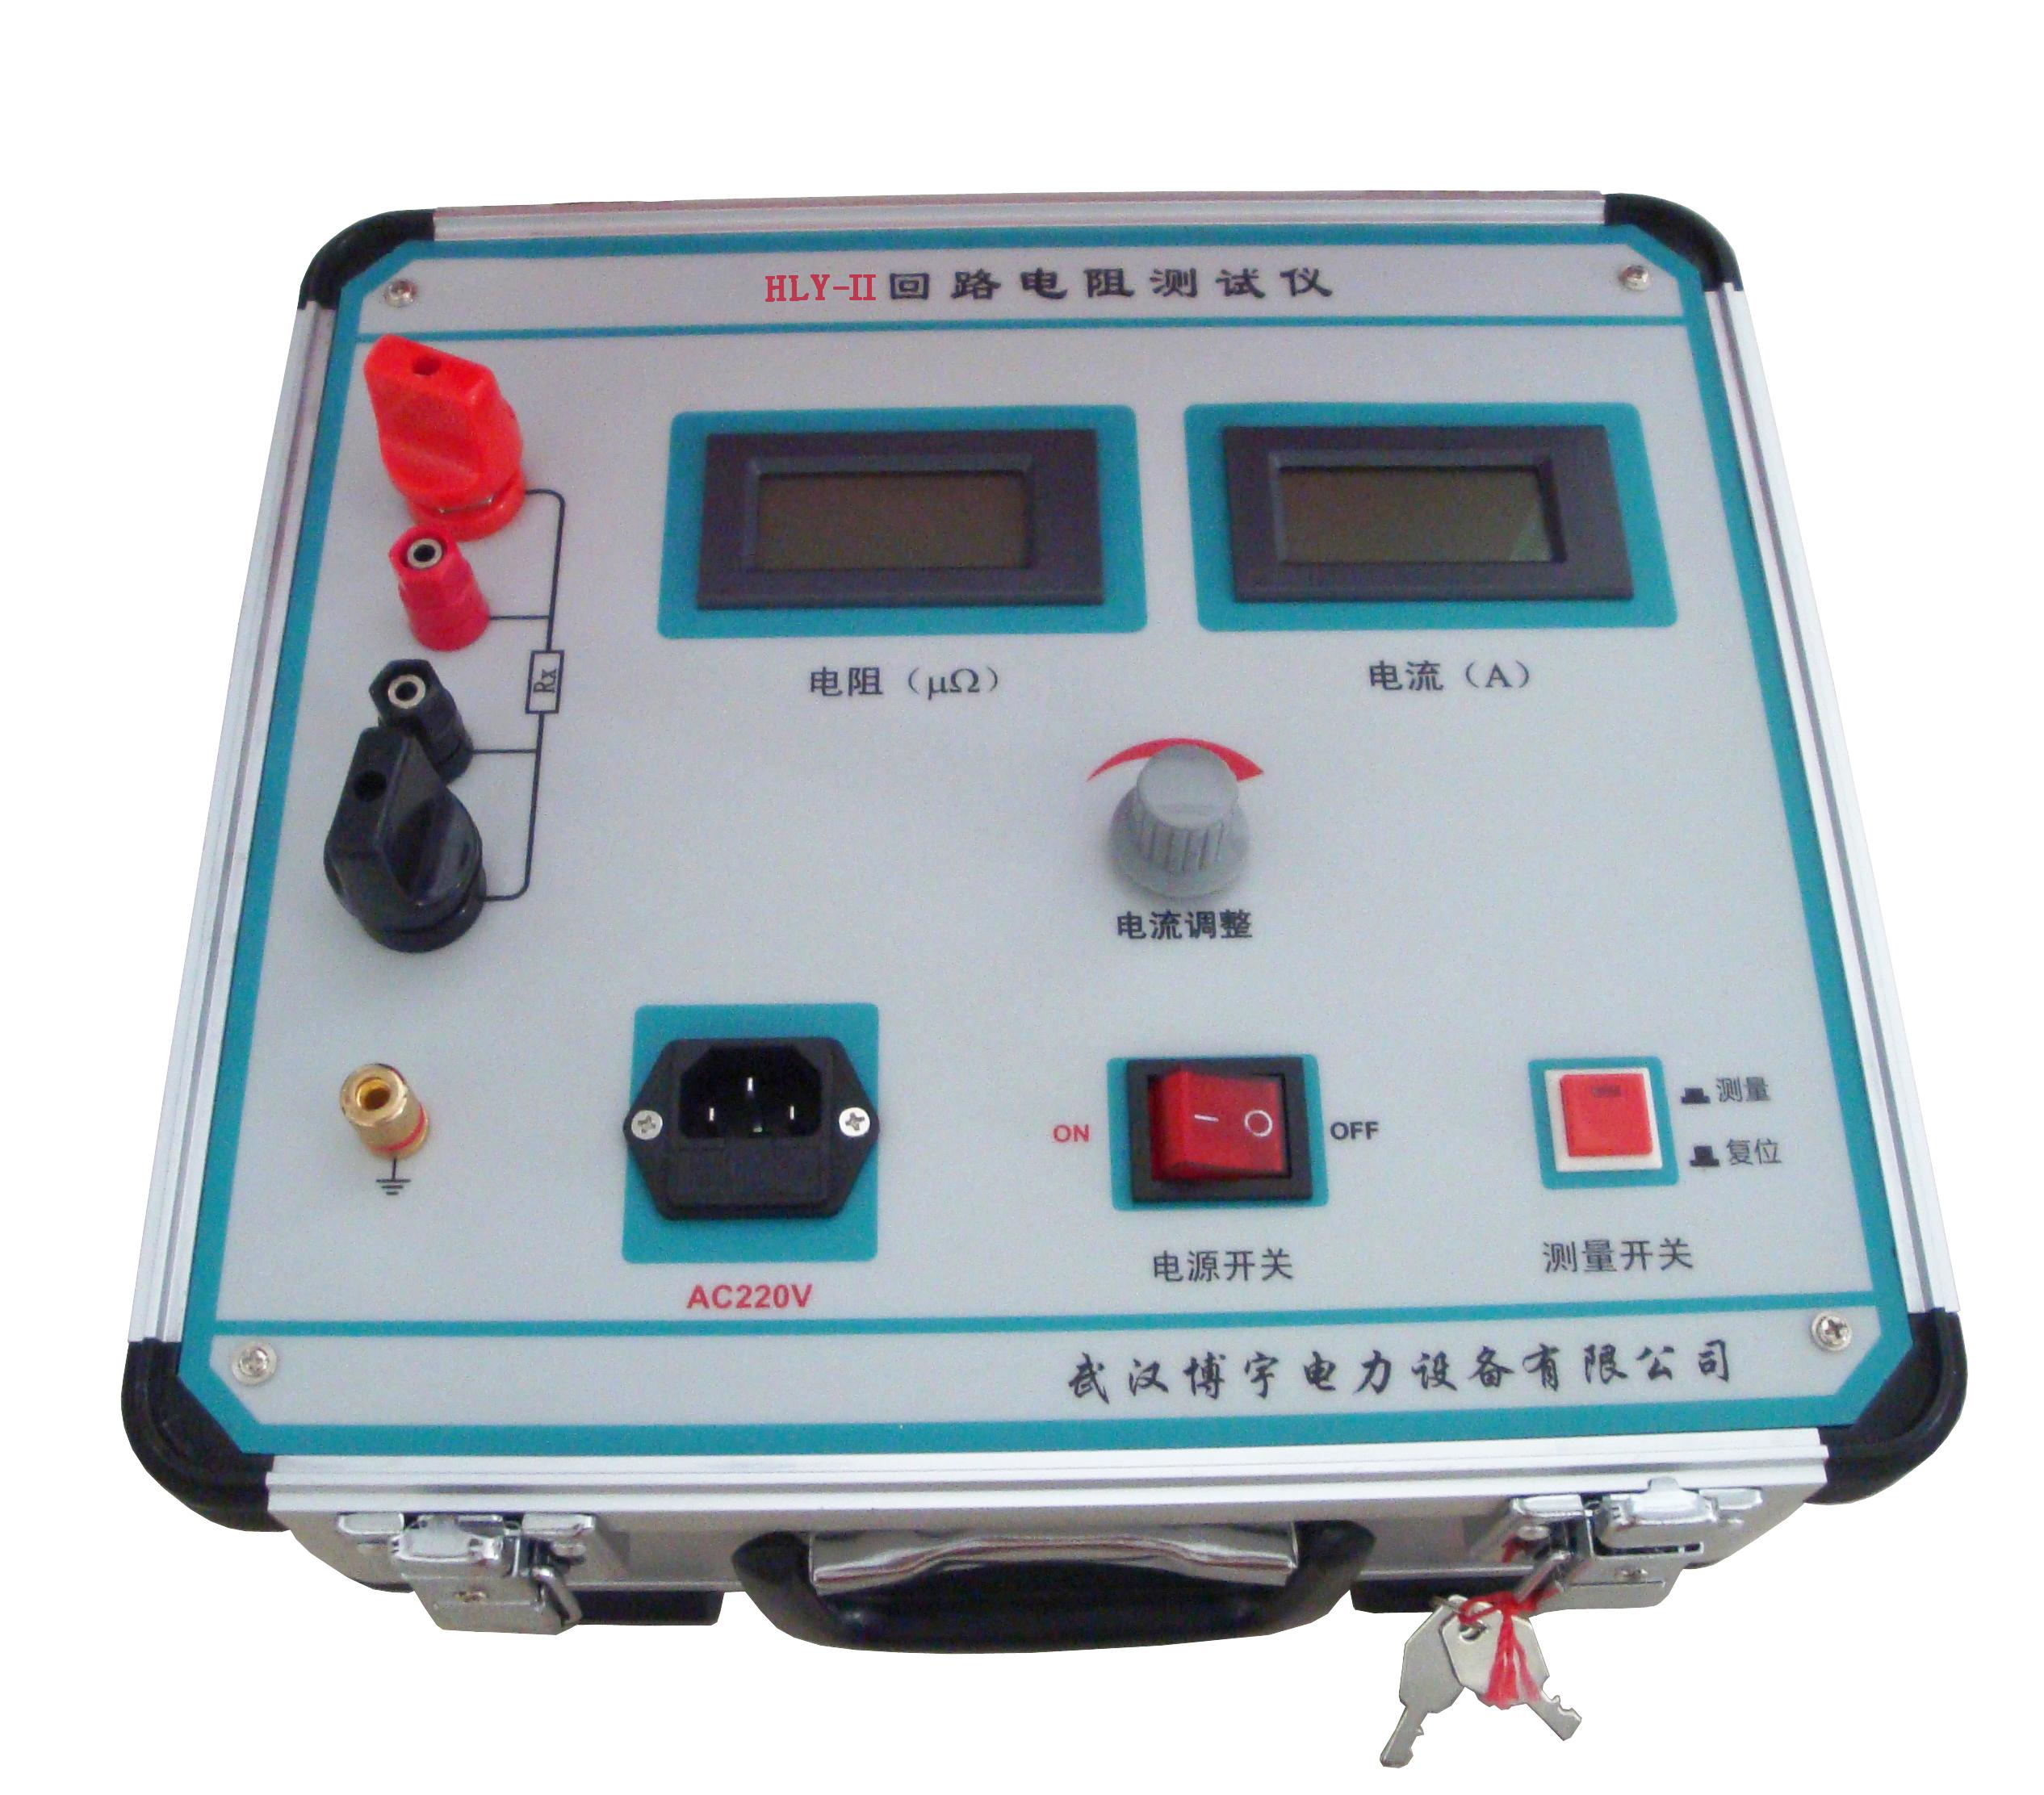 研制开发了hly-ii回路电阻测试仪